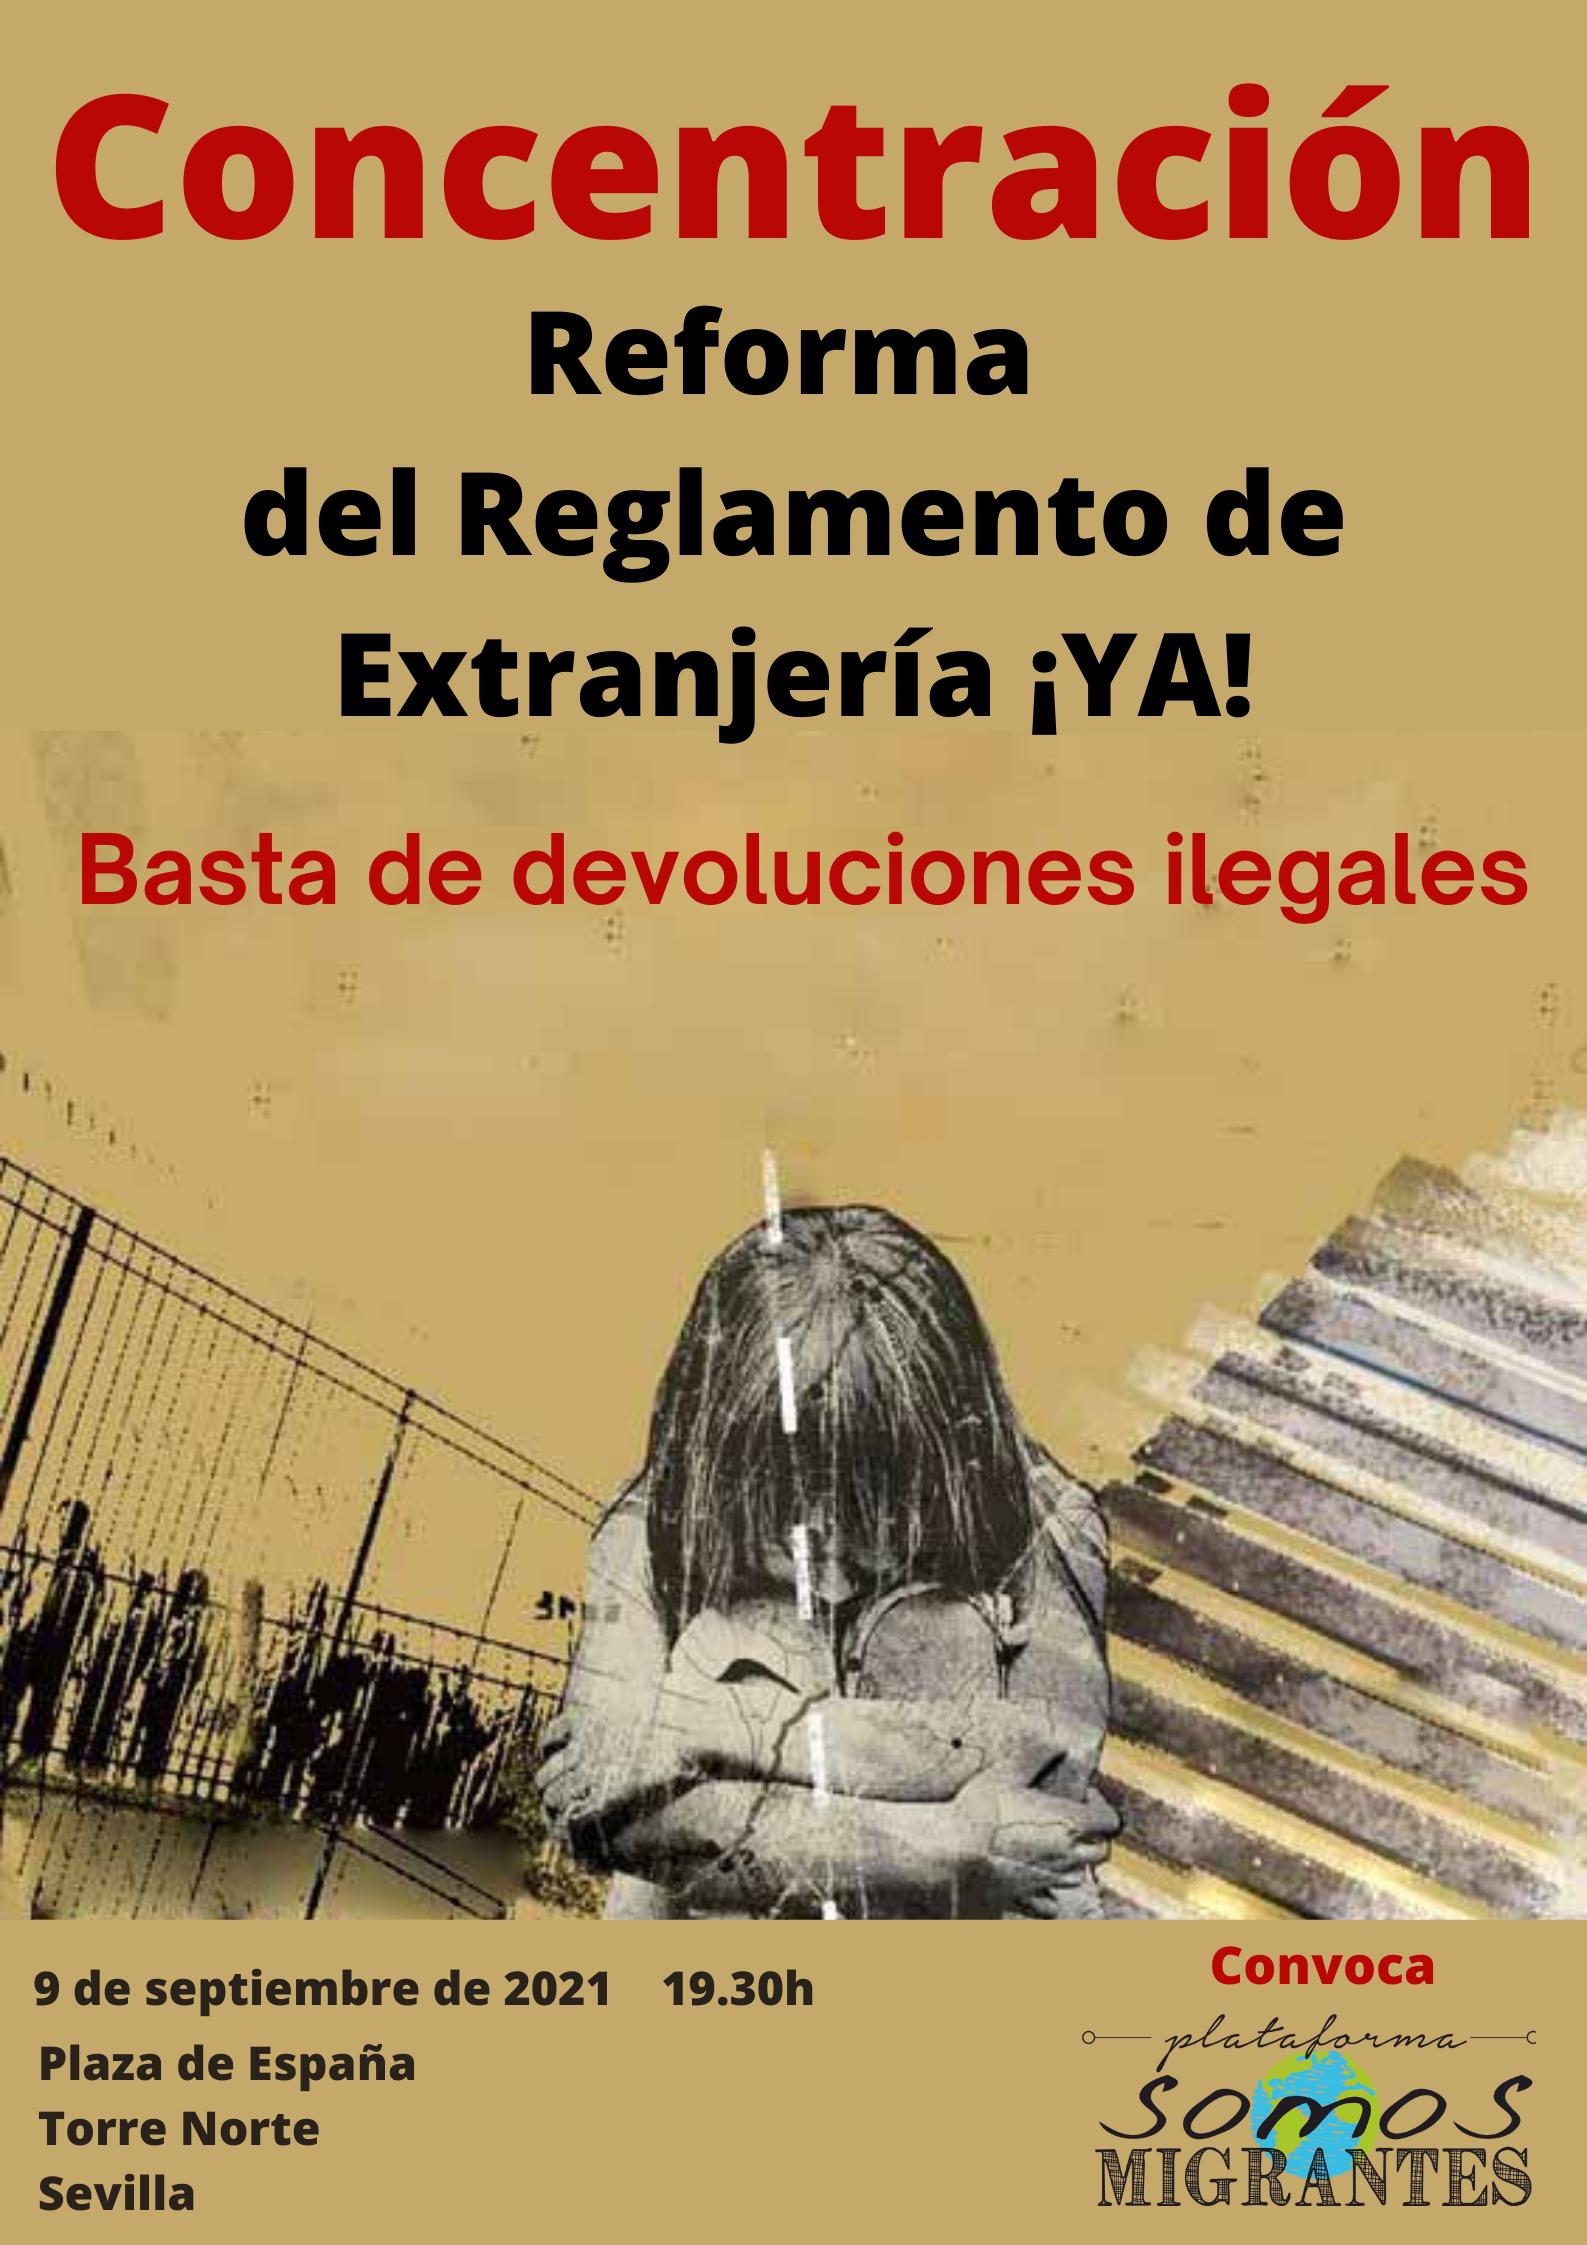 Concentración por la Reforma del Reglamento de Extranjería y en contra de las Devoluciones Ilegales